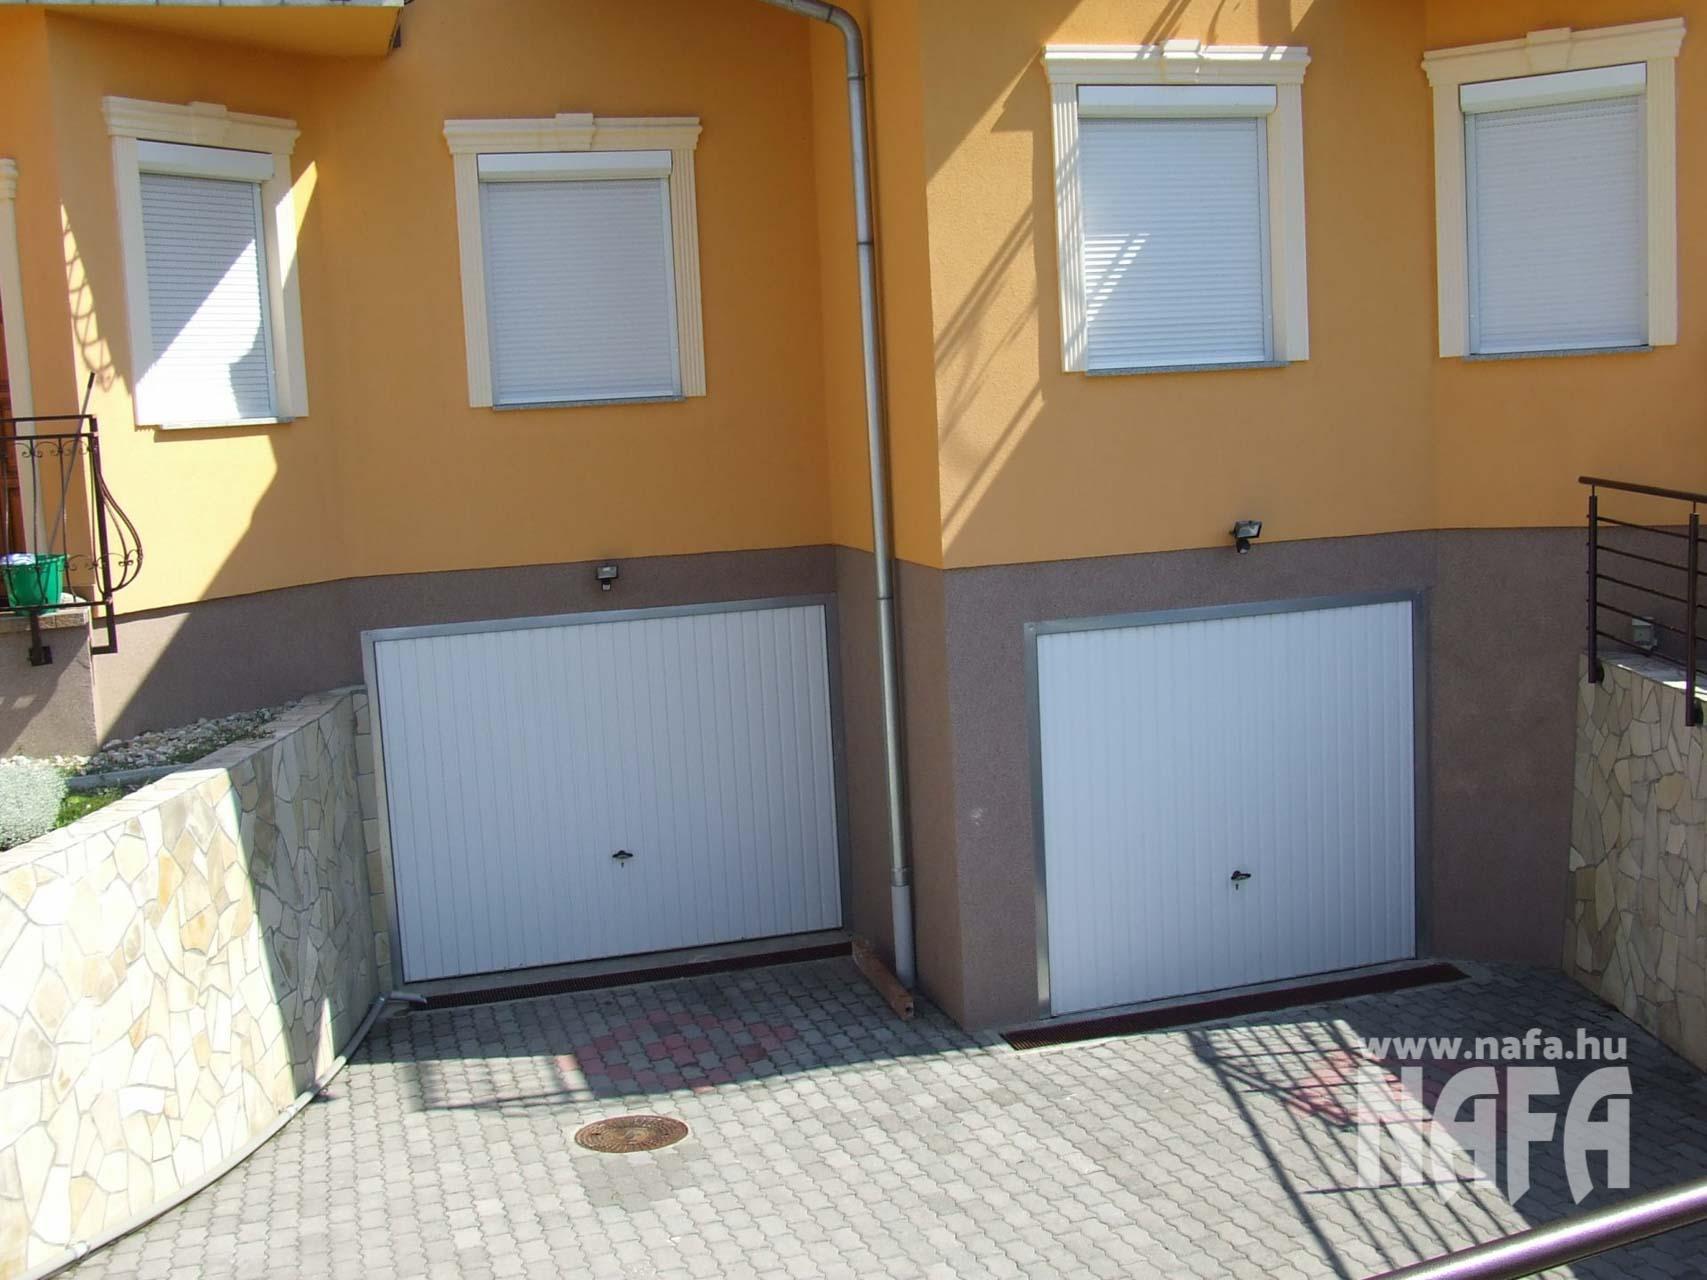 Műanyag nyílászárók, egyedi ablakok és ajtók, Pécs Társasház